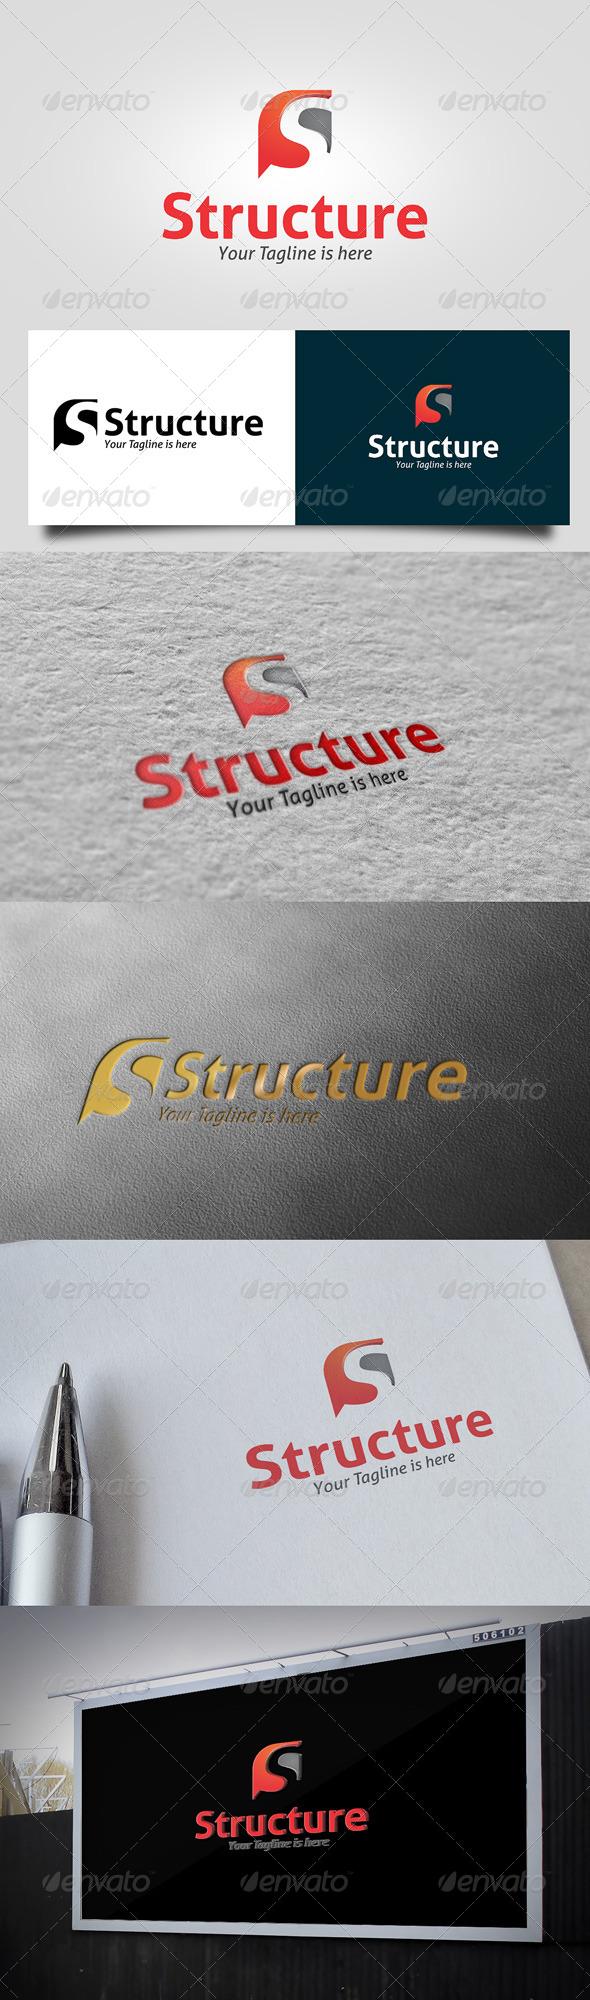 GraphicRiver Structure Logo 5748316